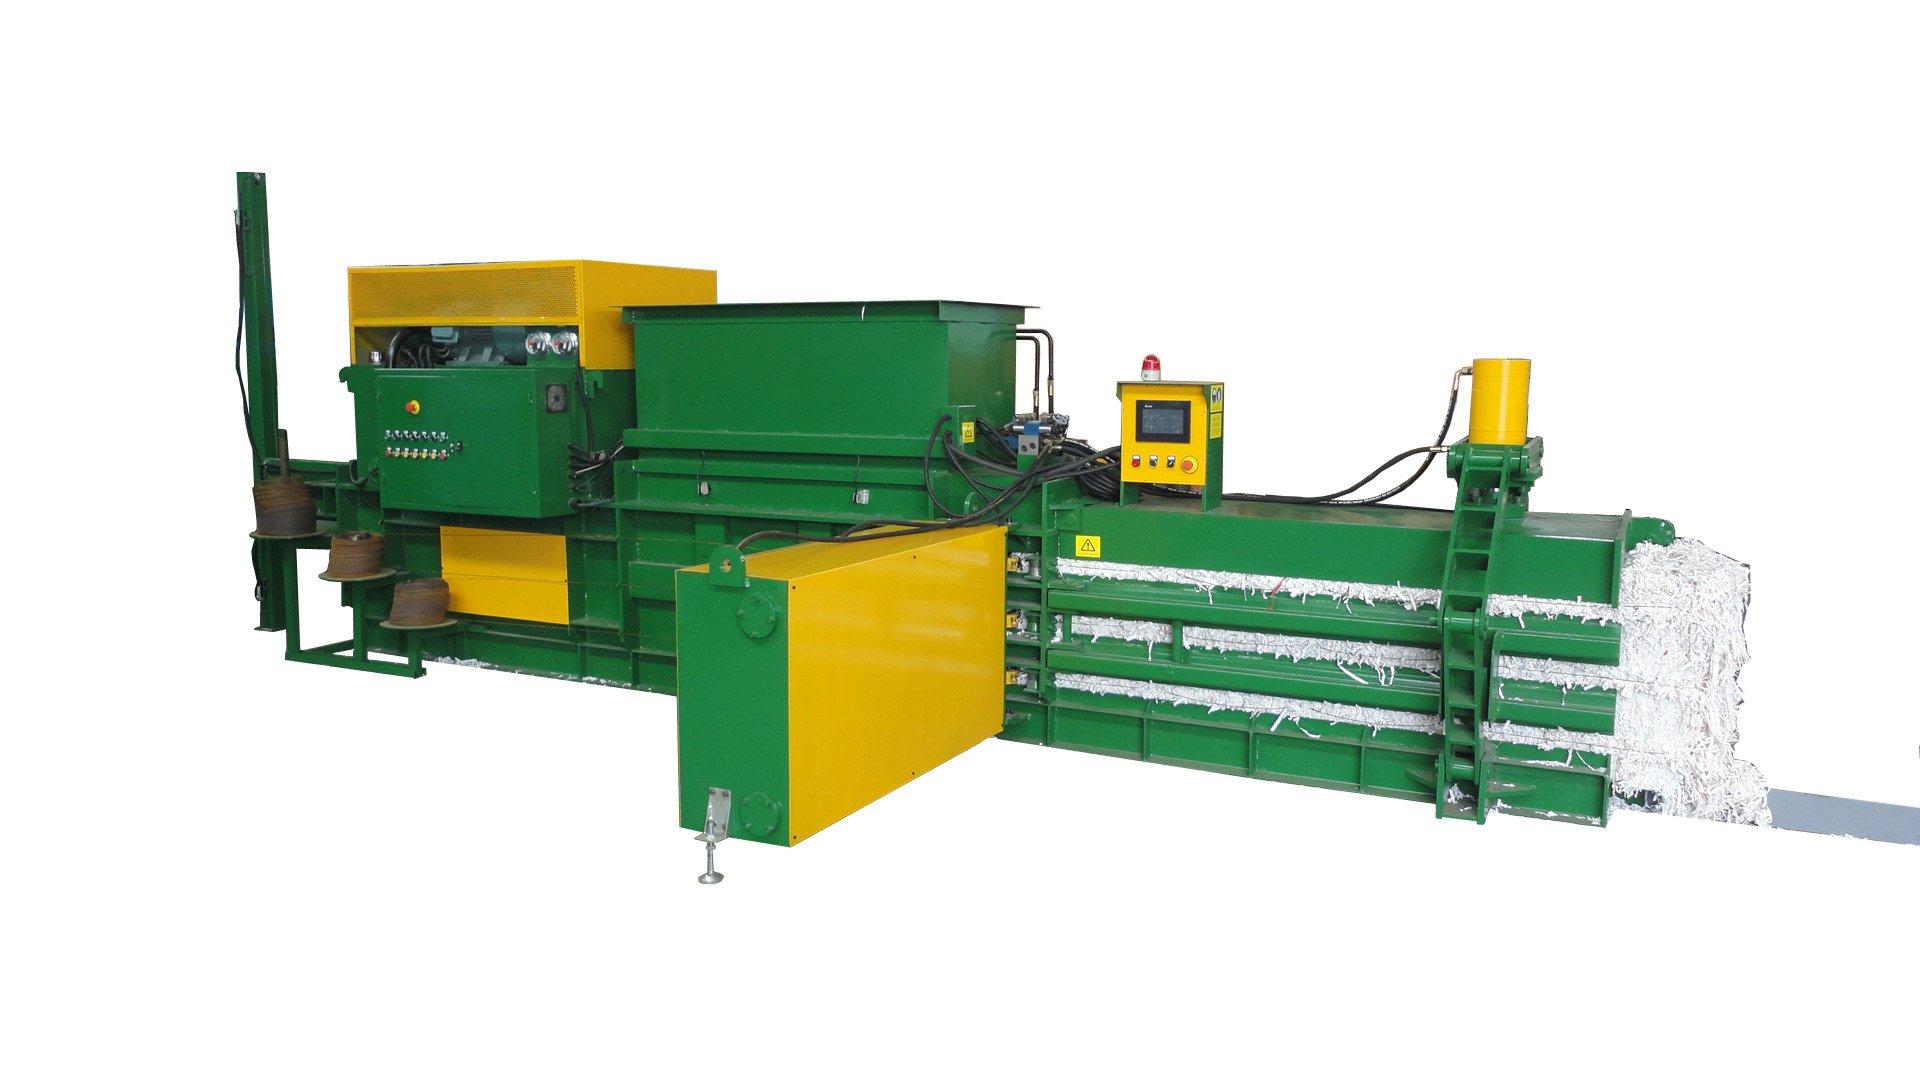 全自动废纸屑打包机(HBA40-7272)-350KGS